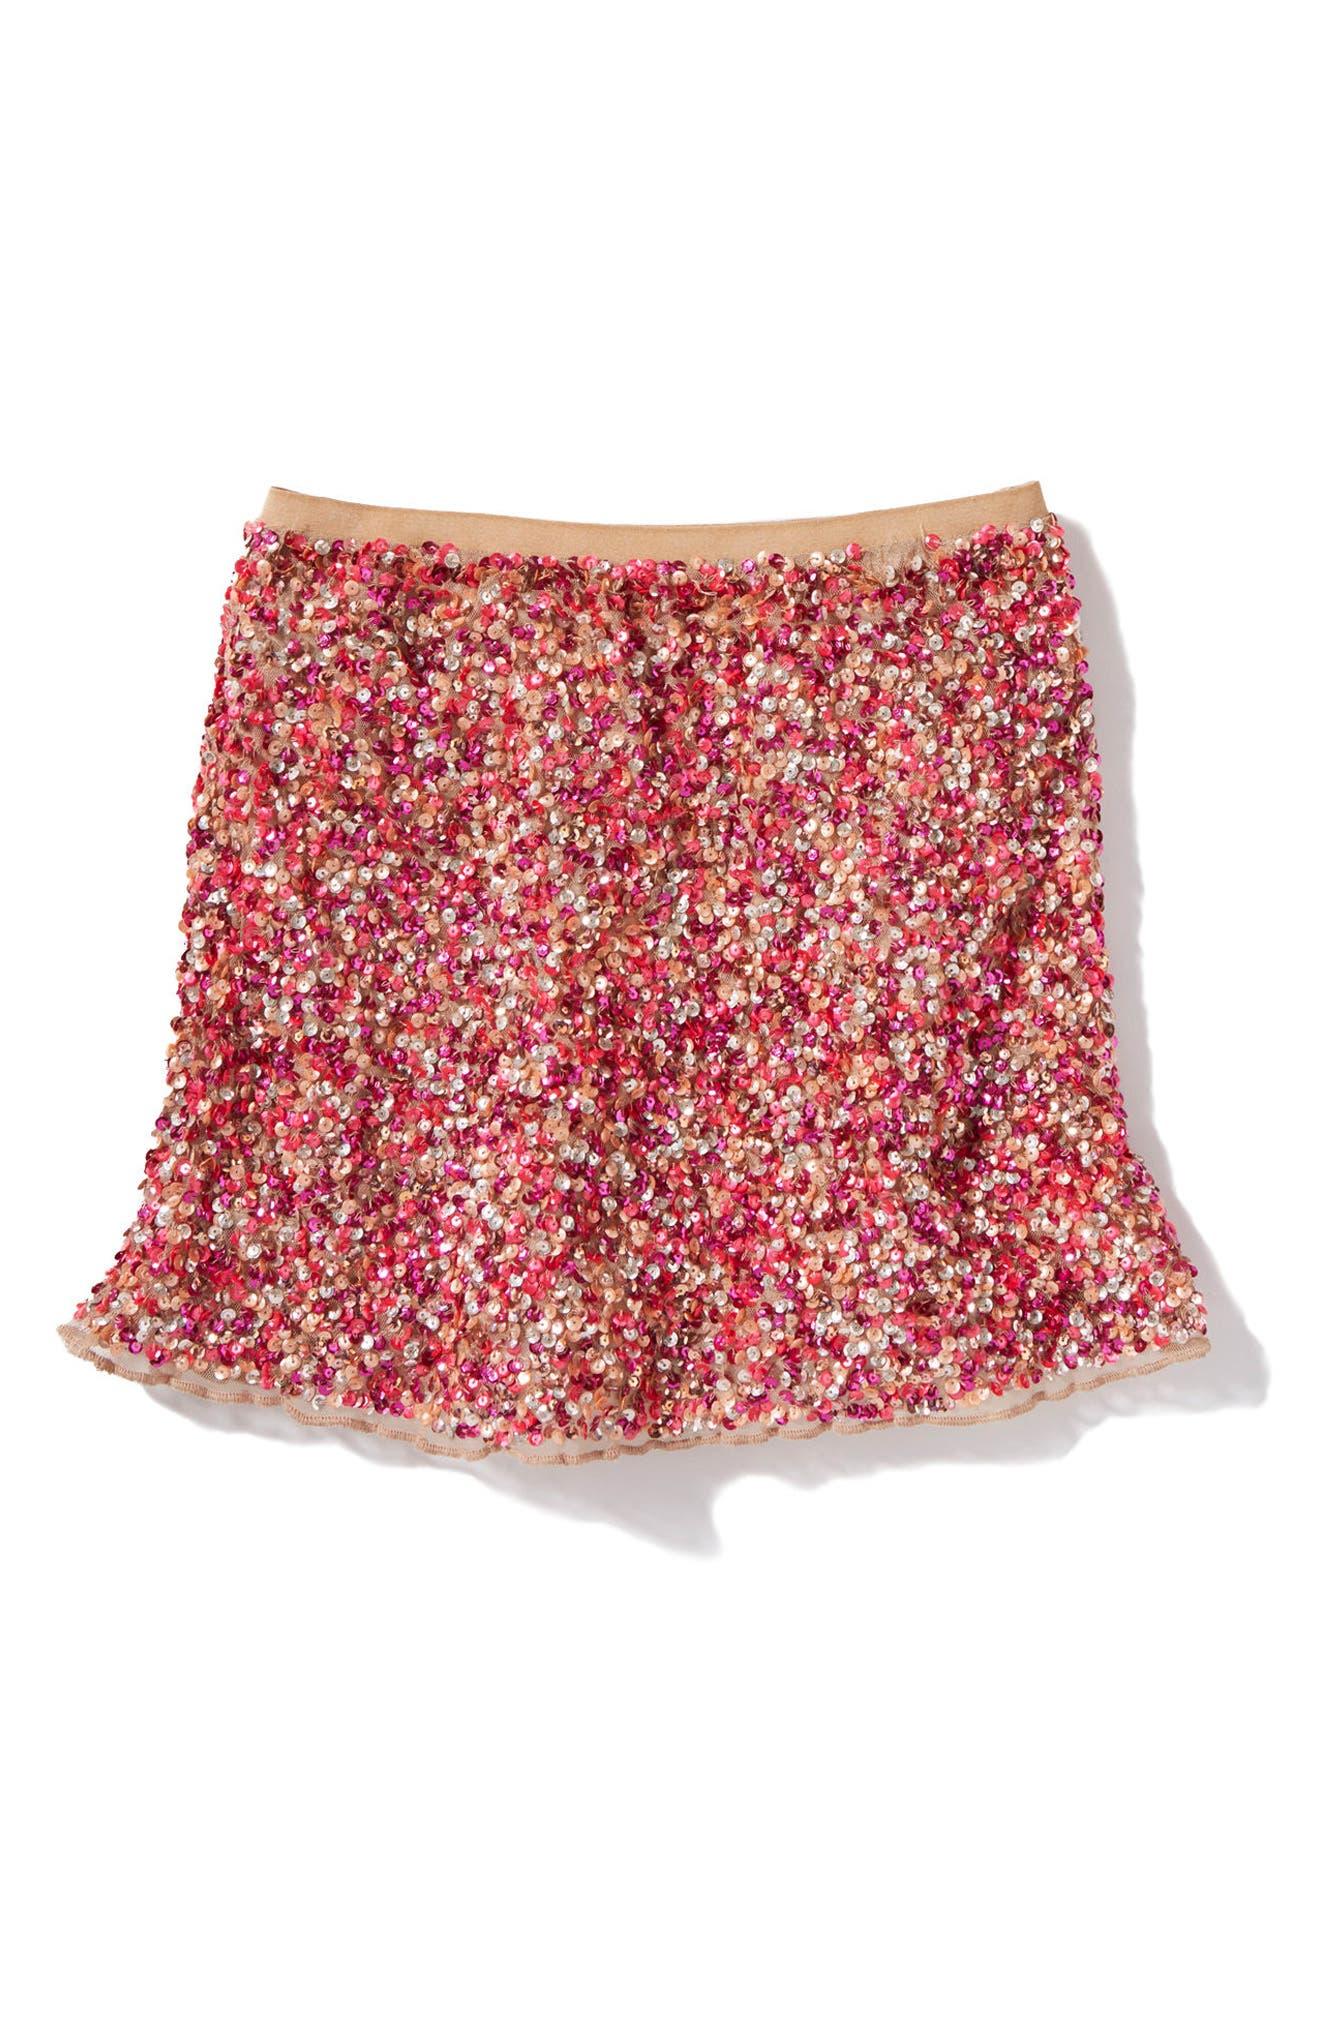 Alternate Image 1 Selected - Peek Ella Sequin Skirt (Little Girls & Big Girls)